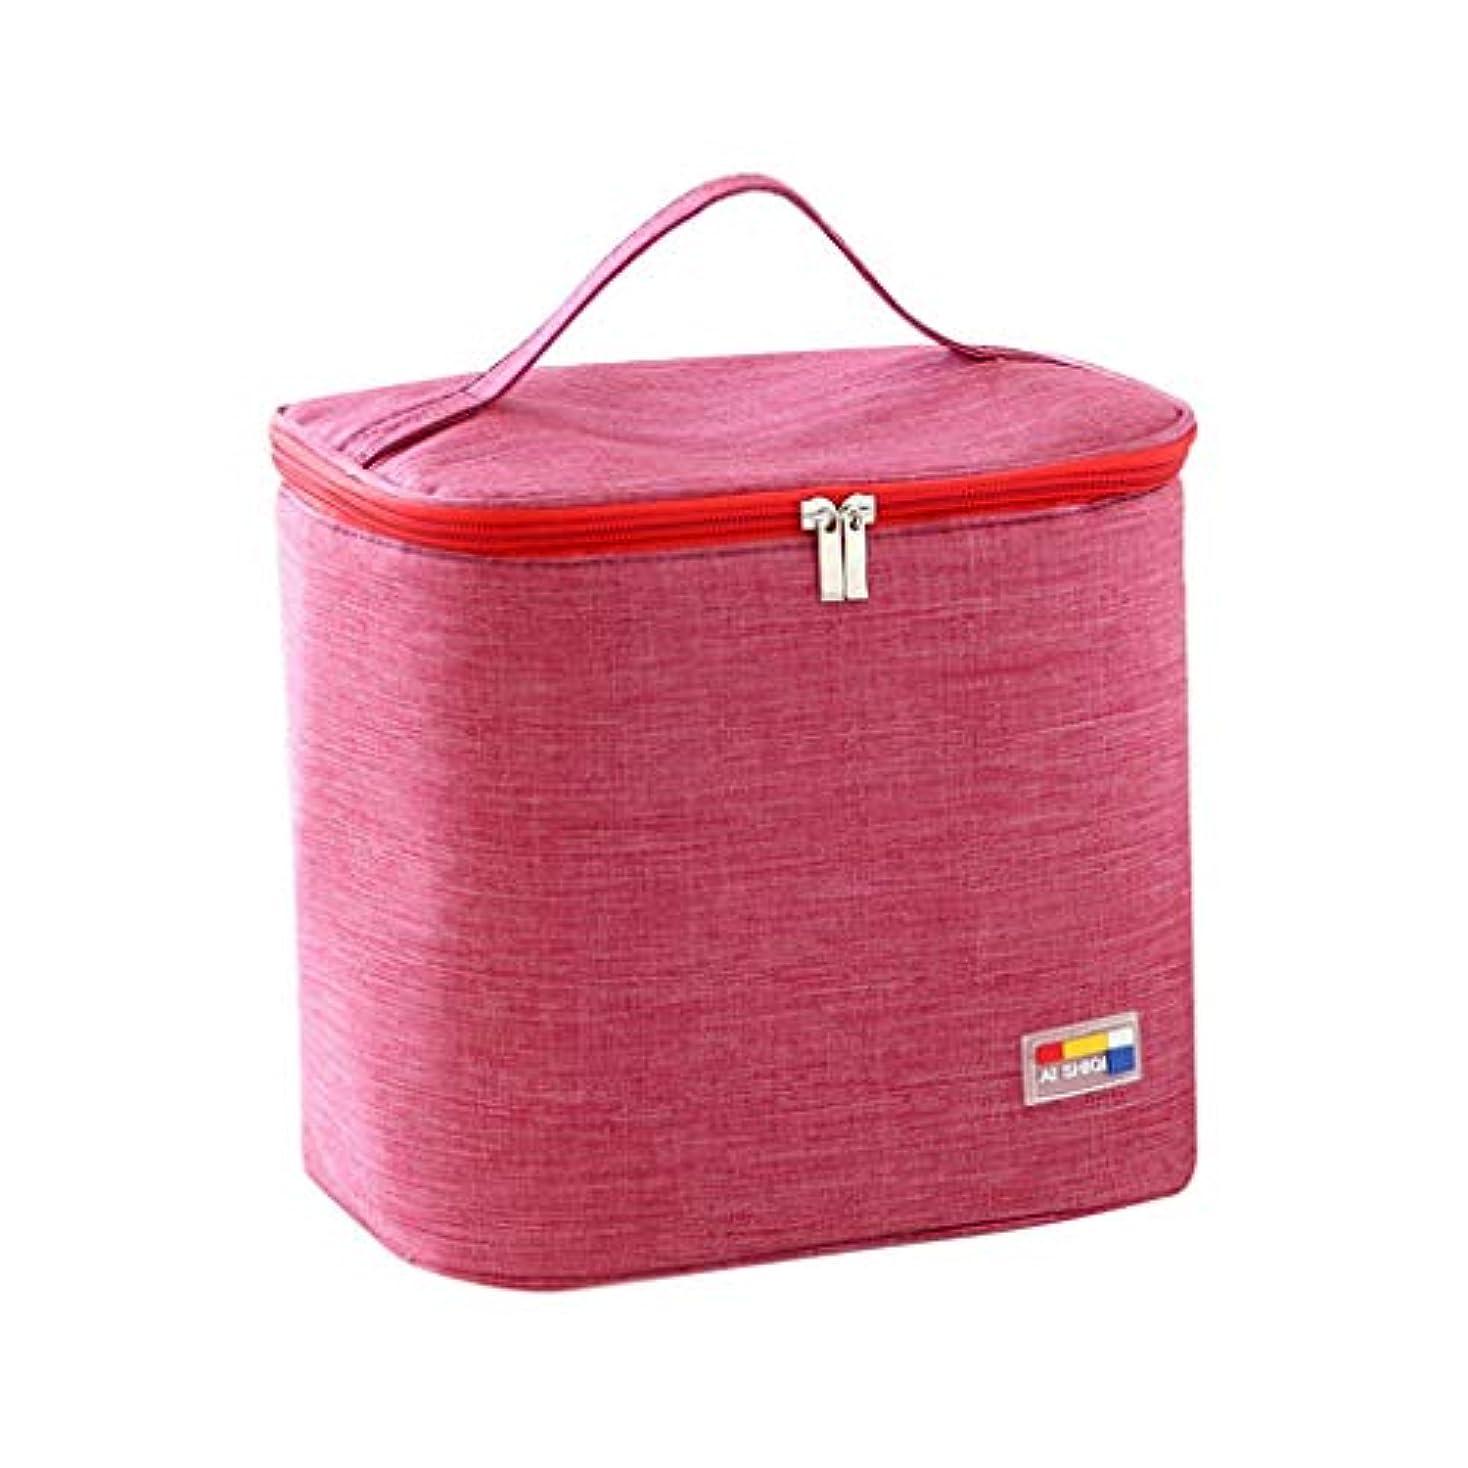 休日に薄暗い折る専用ランチバッグトートバッグ断熱性を向上キャンプに適していますシンプルなバッグイージーファッション絶縁バッグ冷蔵バッグポケットを描く冷却ハンドバッグ防水ハンドバッグ (A)